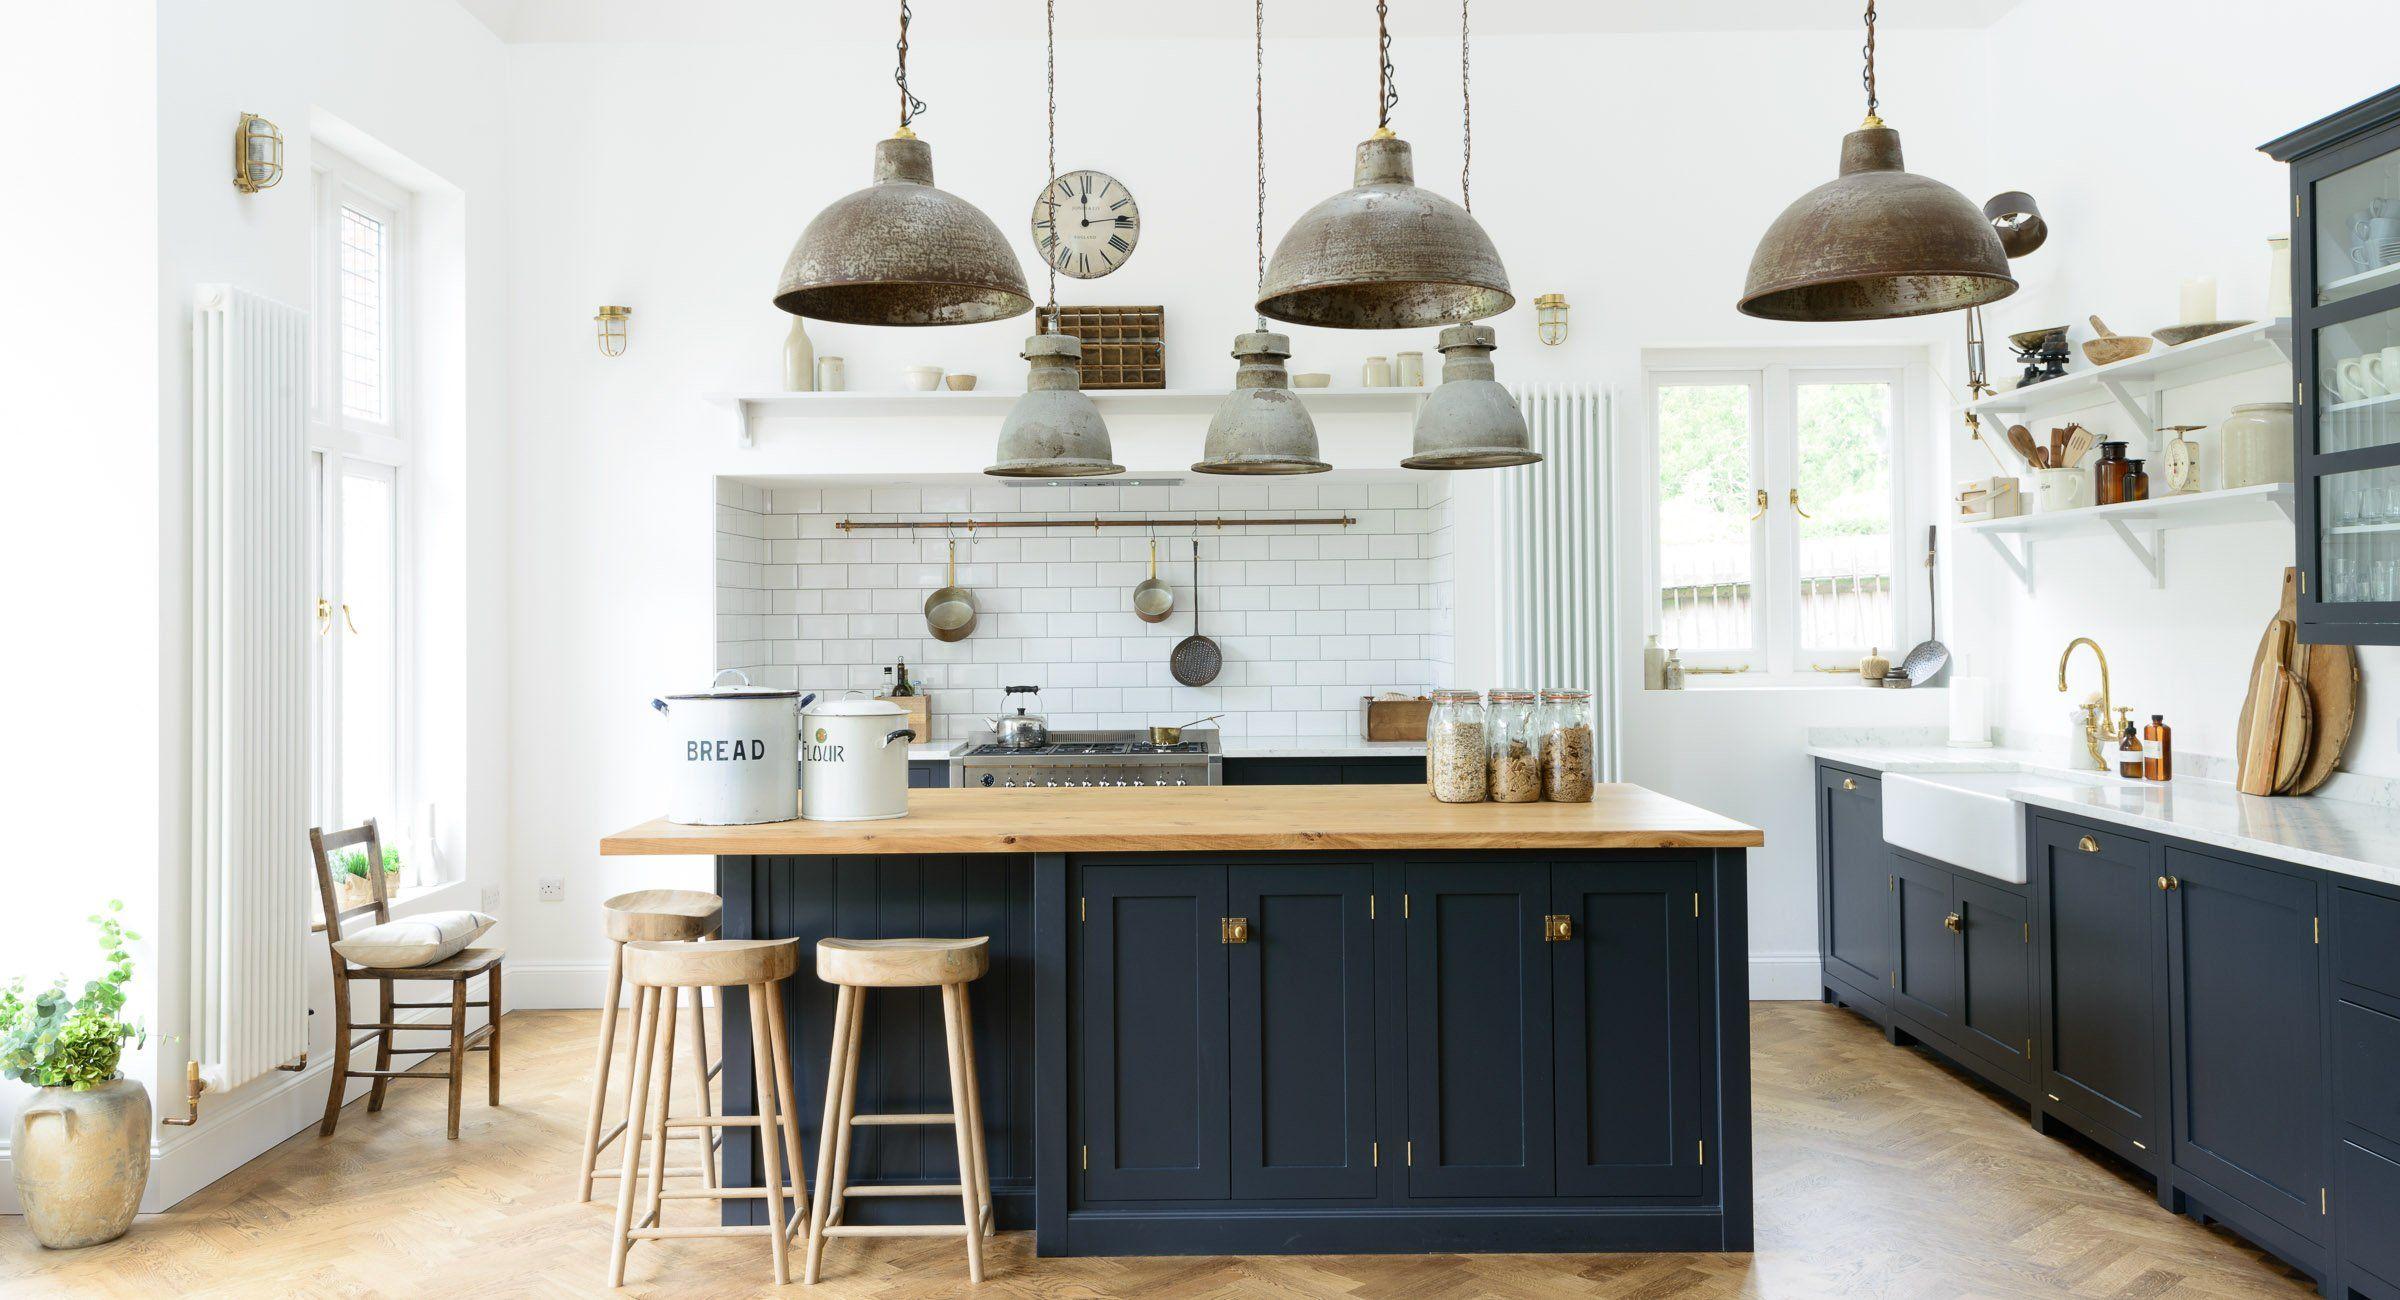 Arts And Crafts Kent Kitchen Devol Kitchens Kitchen Design Plans Interior Design Kitchen New Kitchen Designs